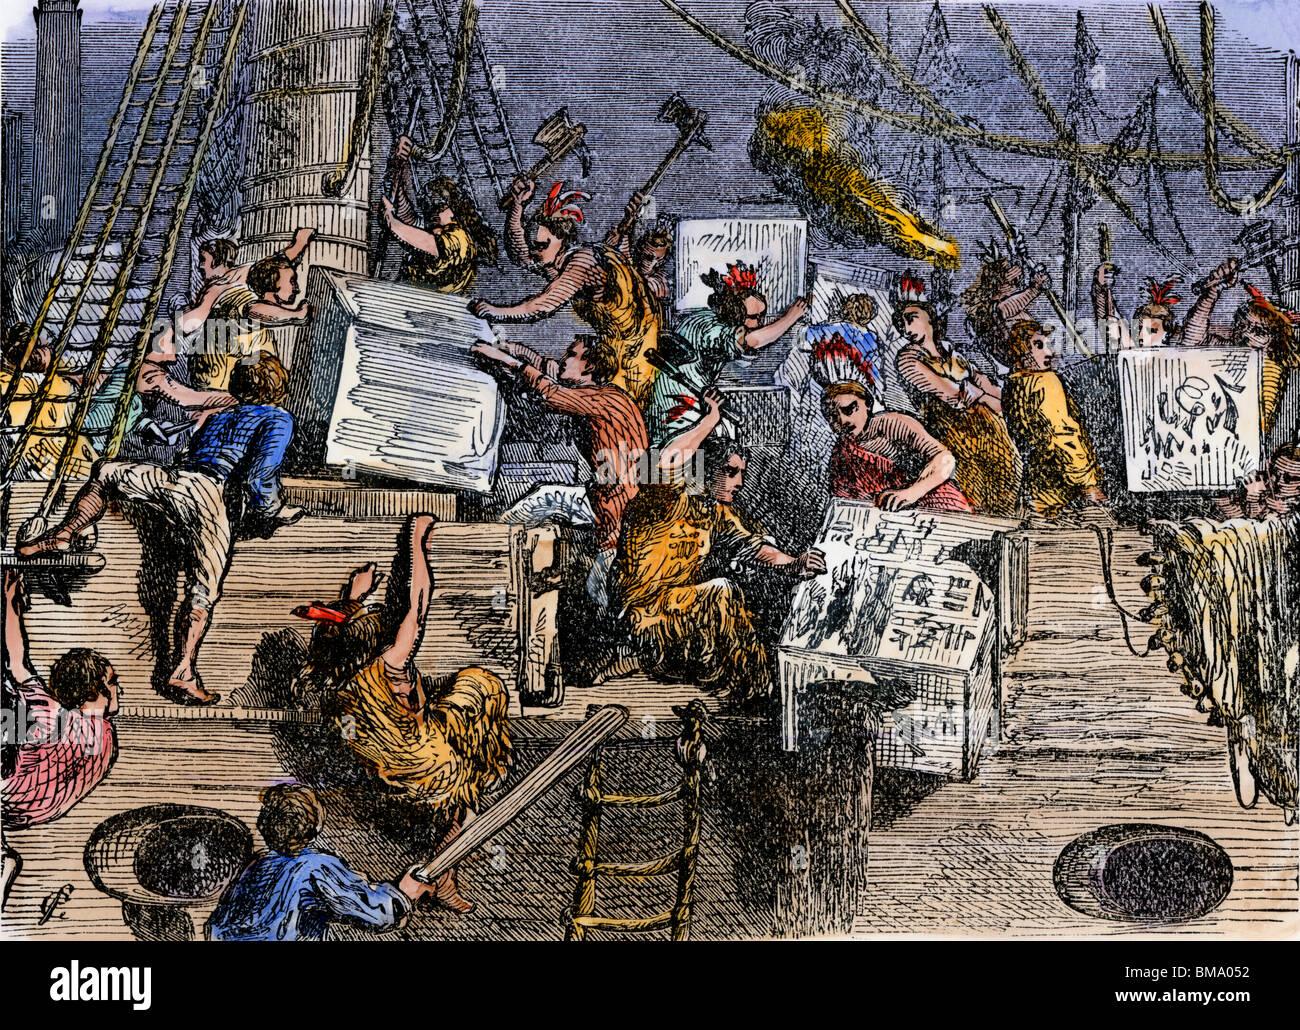 Boîtes de thé colons jeter par-dessus bord au cours de la Boston Tea Party, 1773. À la main, gravure Photo Stock